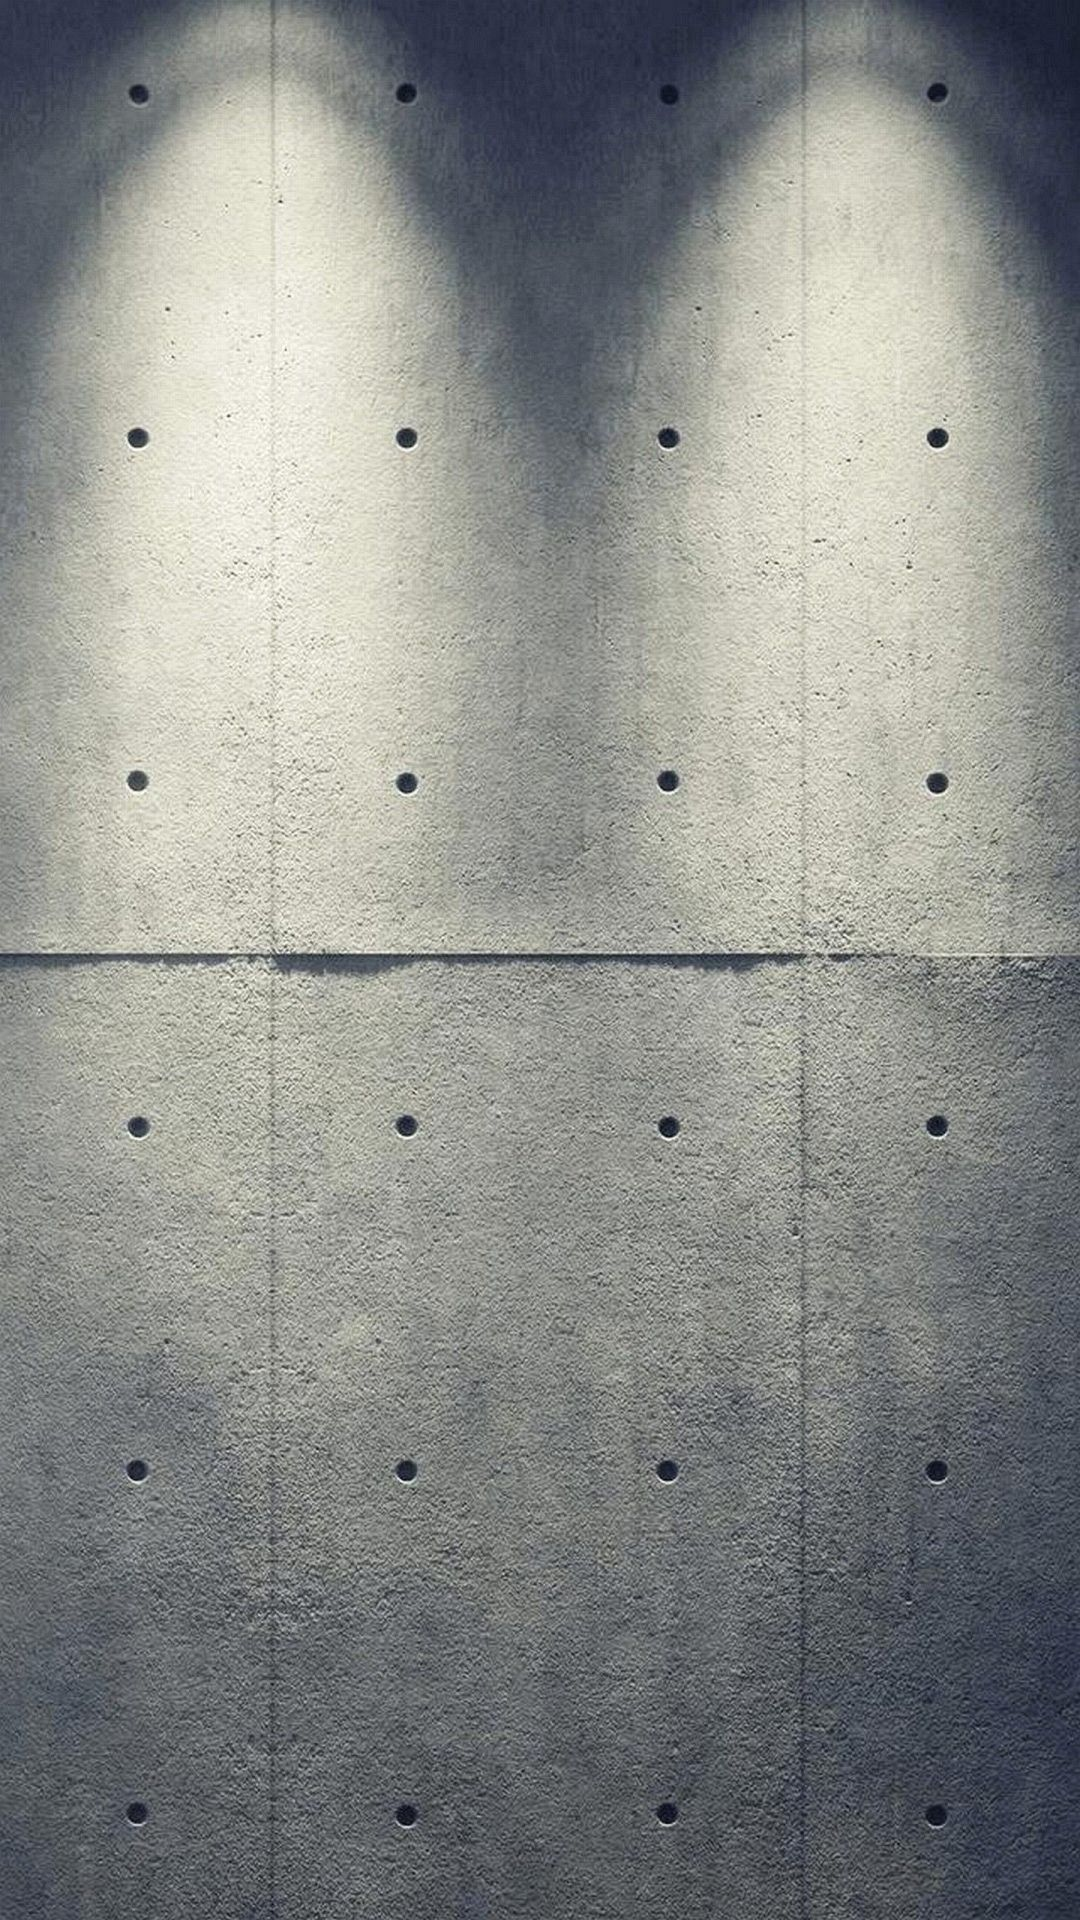 かっこいいコンクリート打ちっぱなしのスマホ壁紙 Ipod 壁紙 Iphone 5壁紙 Iphone7plus 壁紙